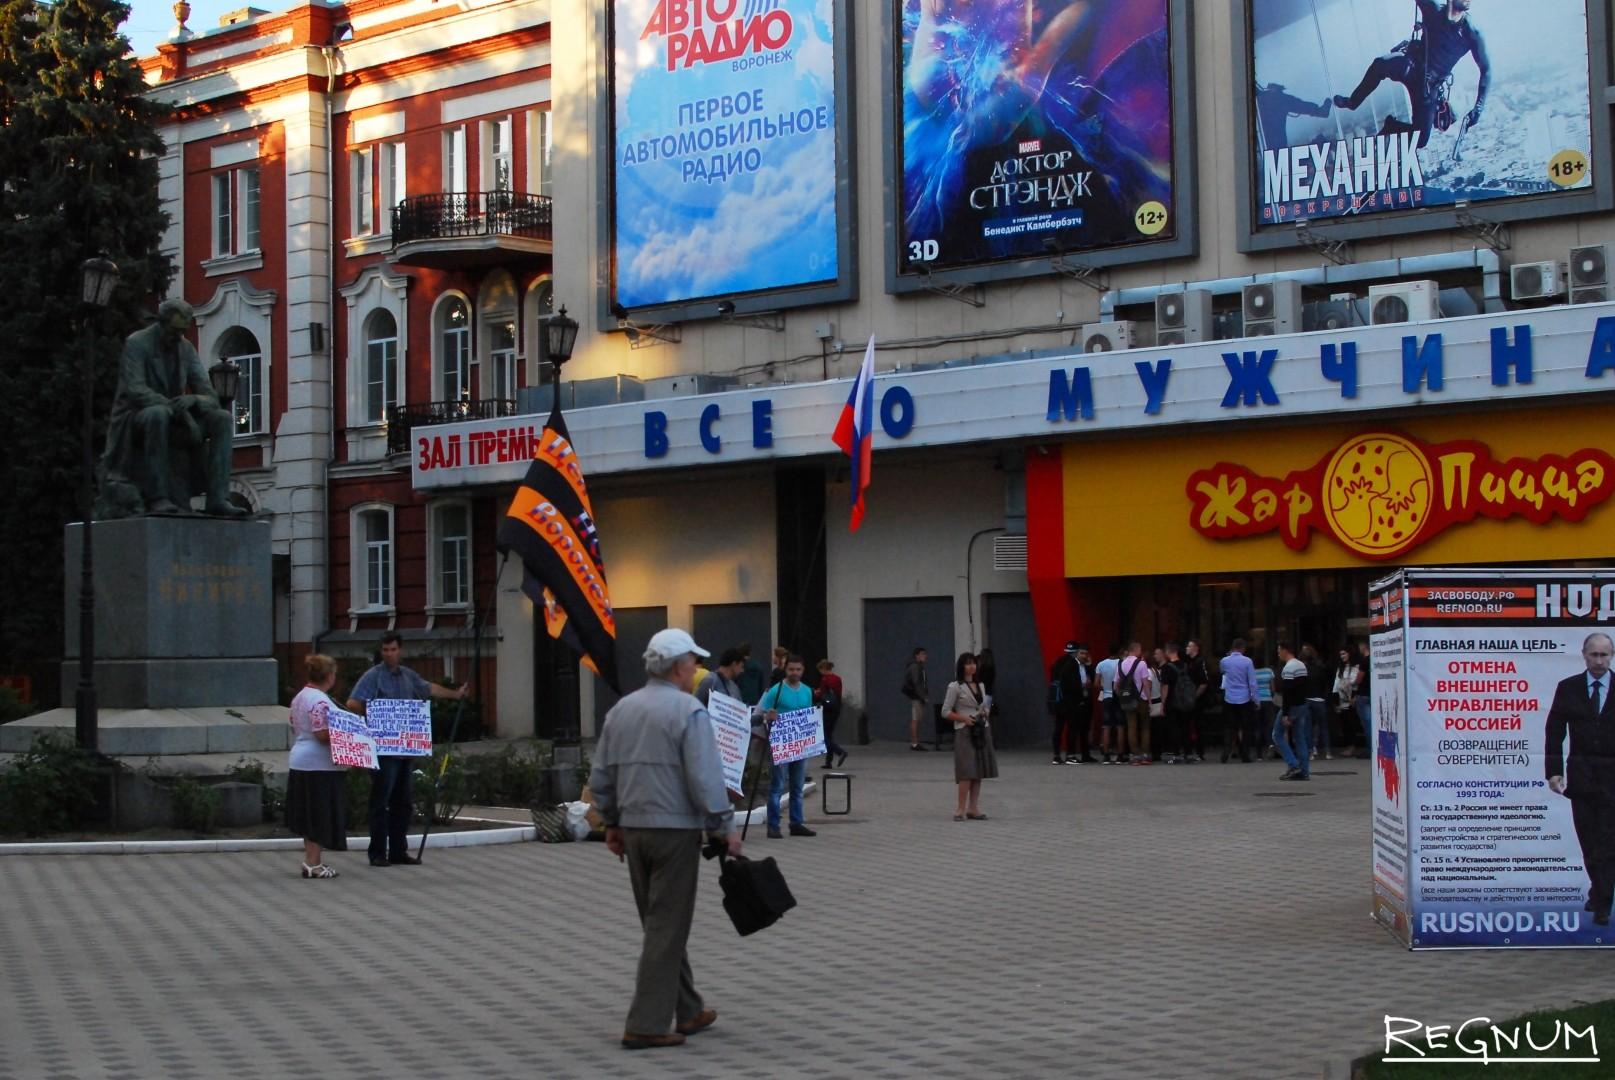 Площадка перед «Пролетарием» была заставлена предвыборной агитацией от разных партий